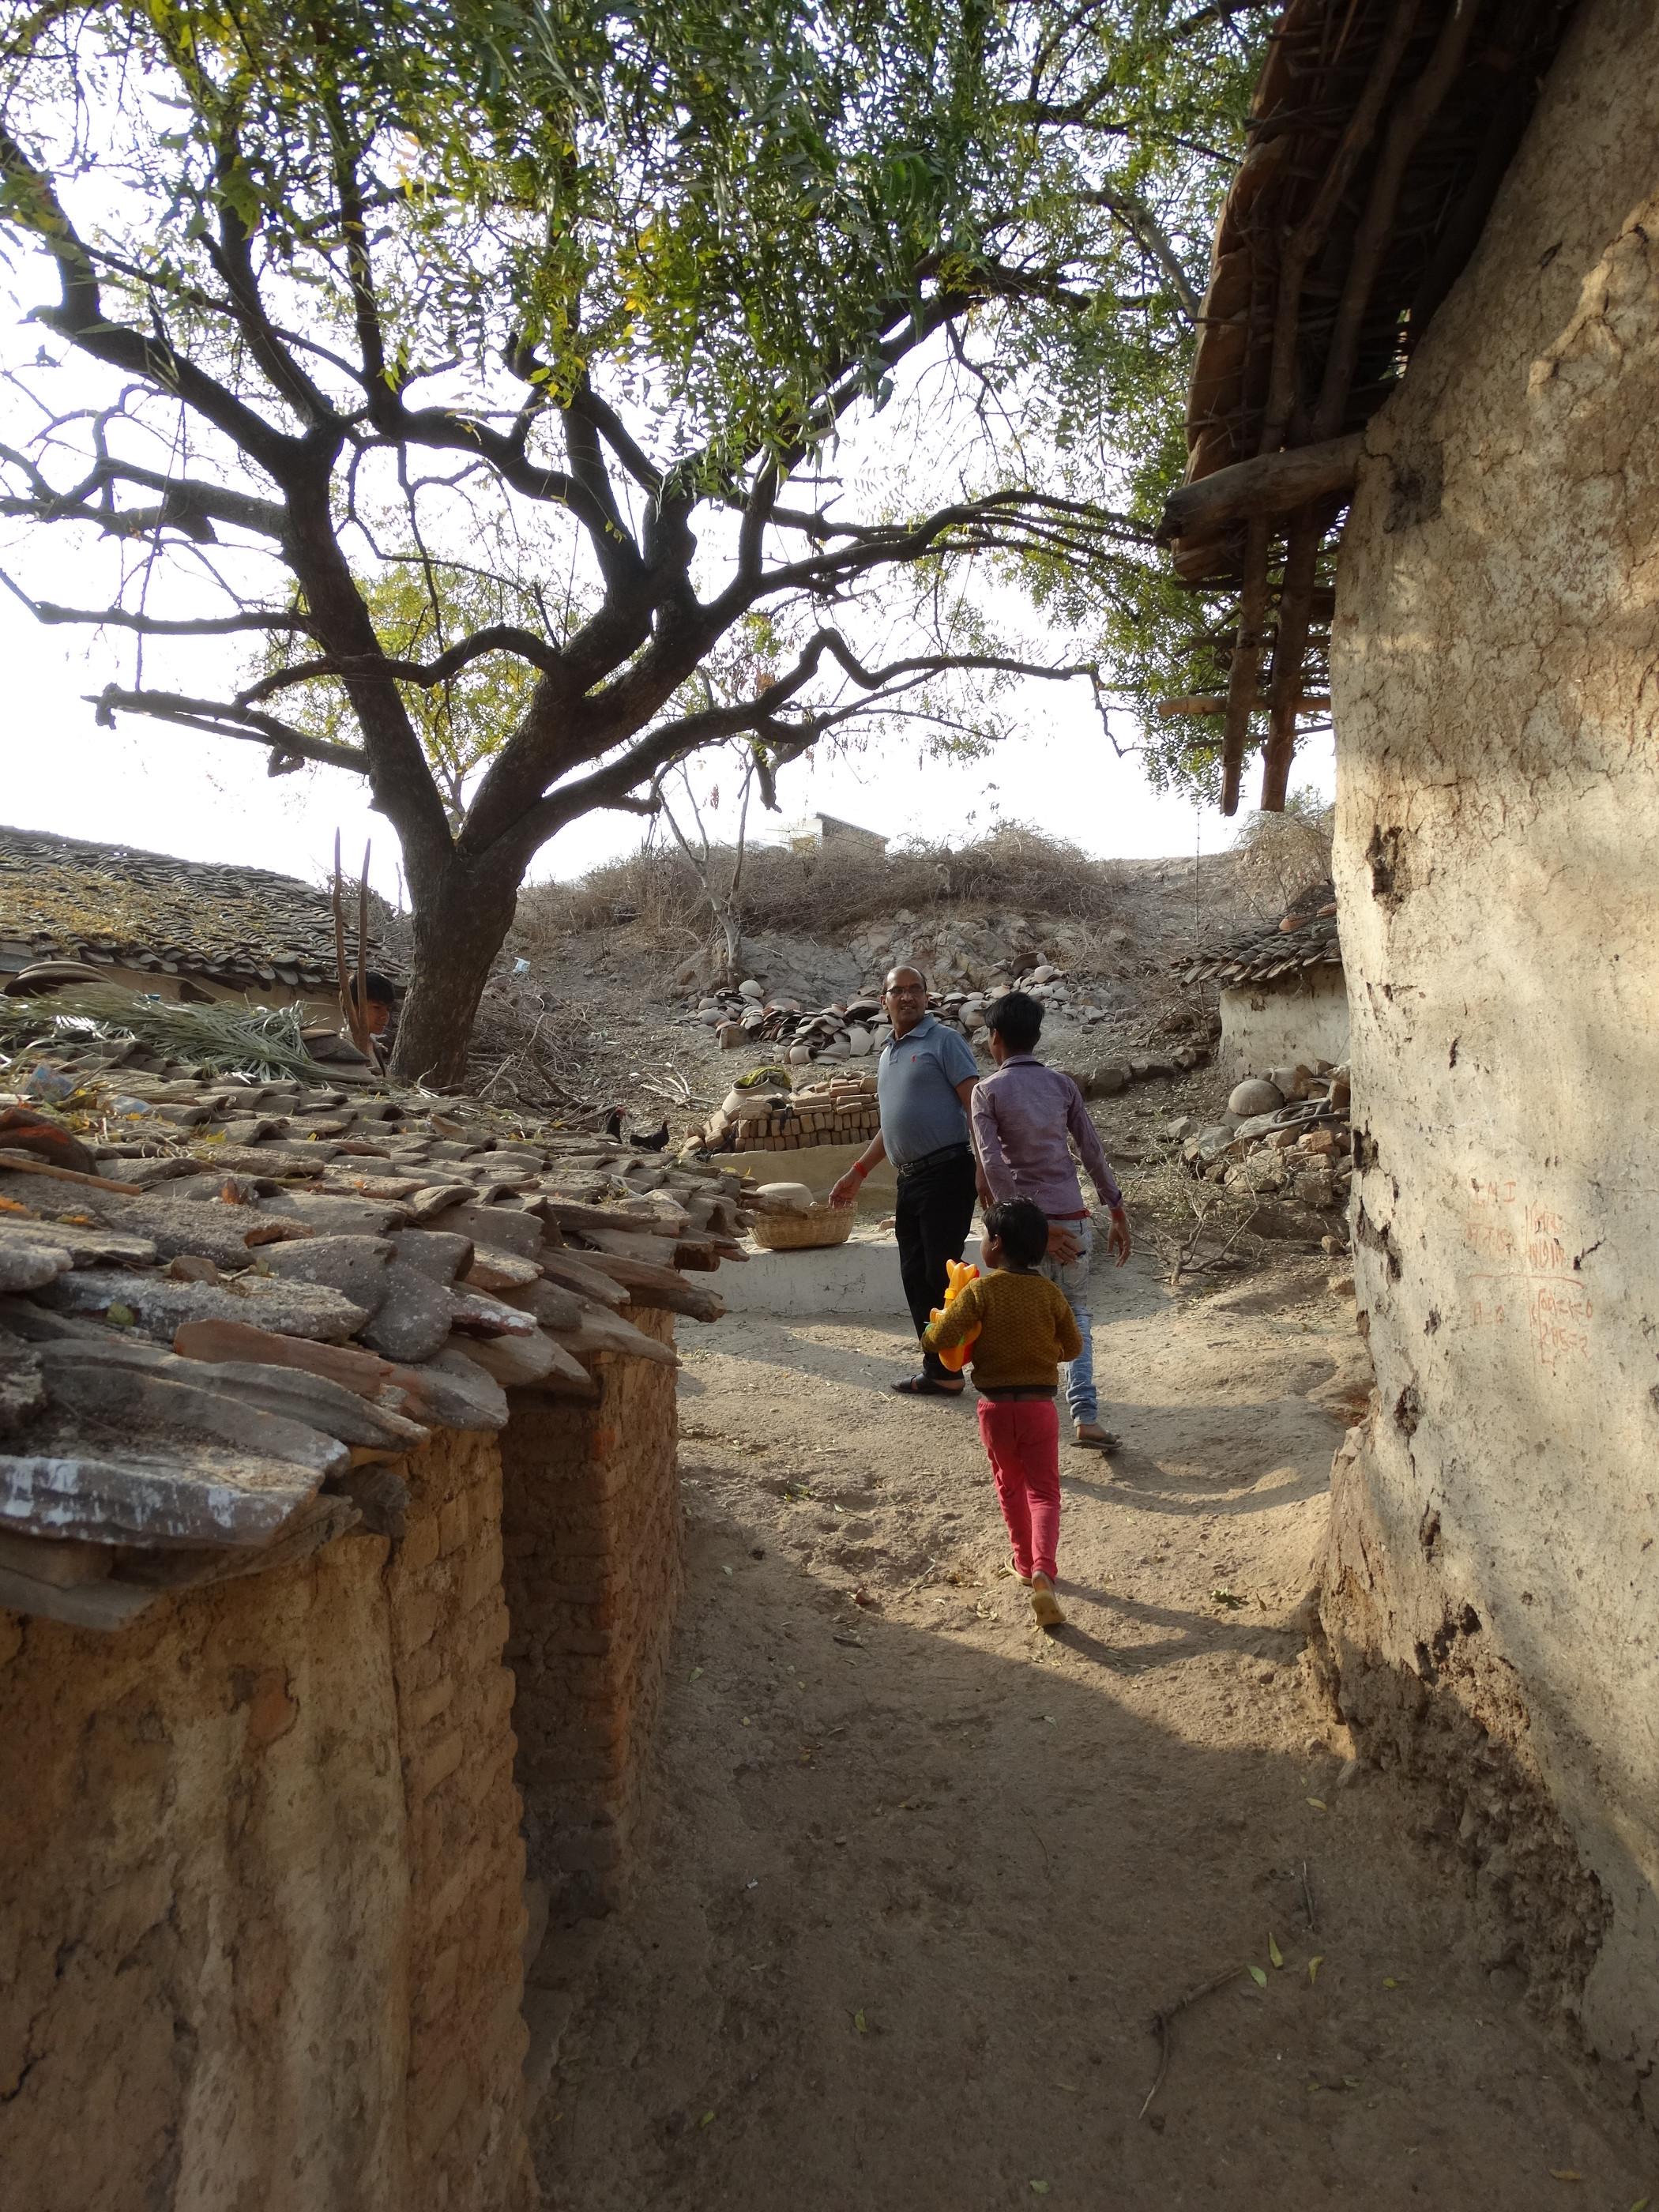 De armoede is de dorpen is welhaast voelbaar